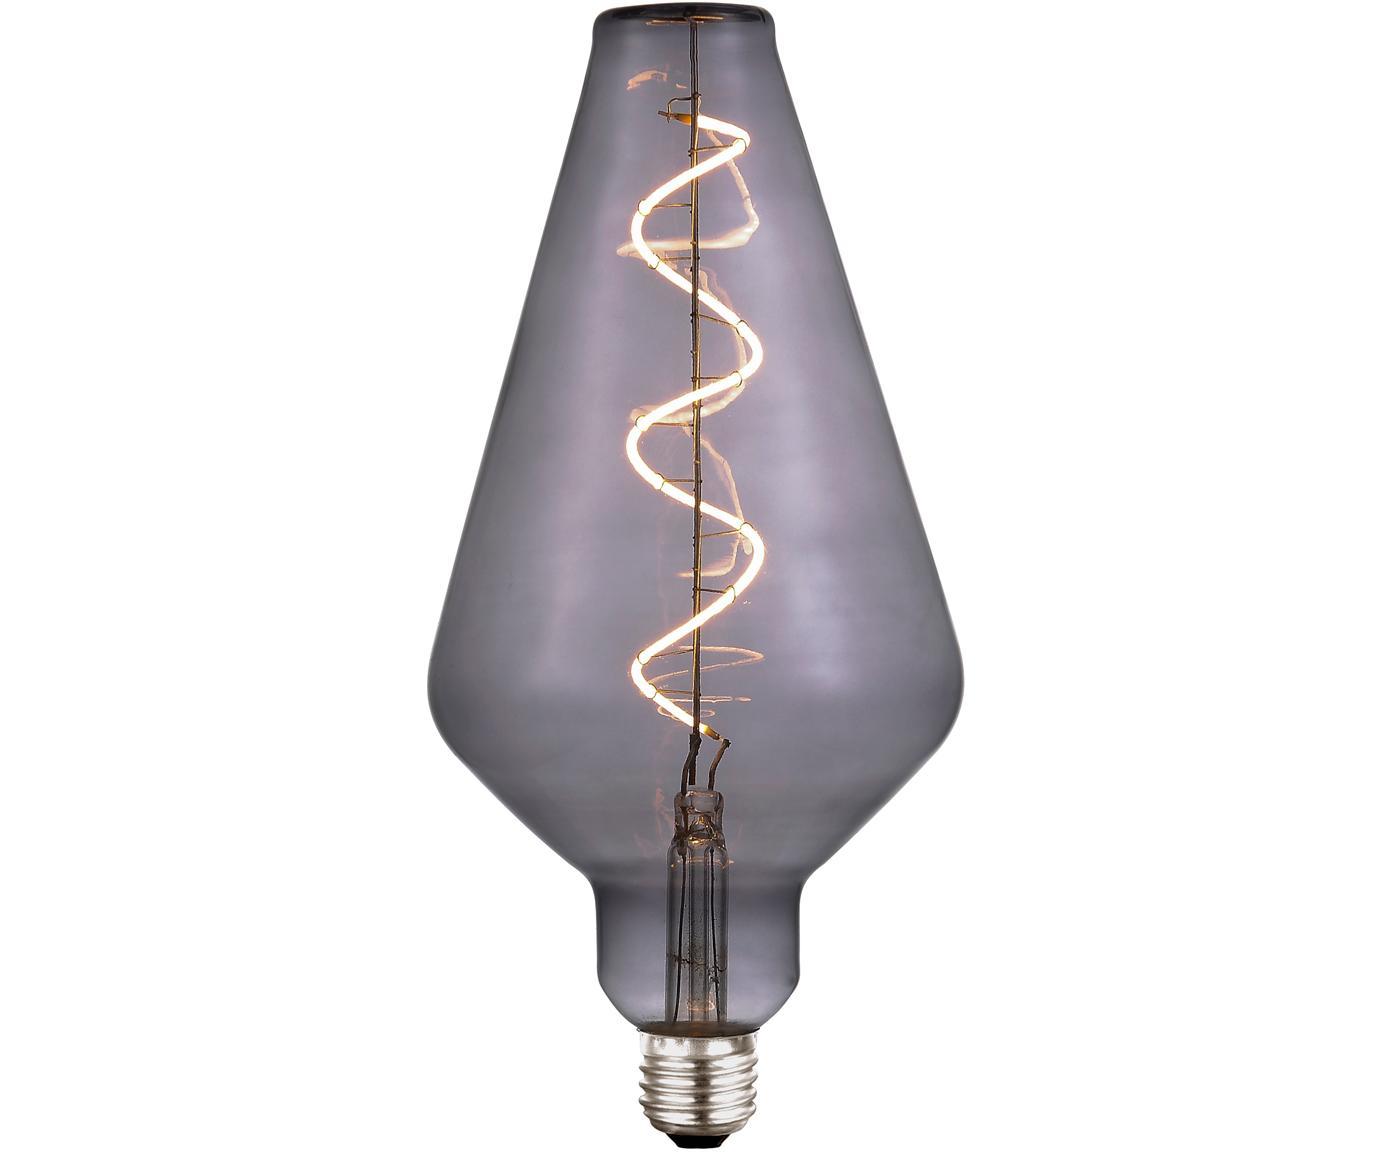 Żarówka LED z funkcją przyciemniania Colors Cone (E27/4W), Szkło, metal powlekany, Szary, transparentny, Ø 13 x W 23 cm